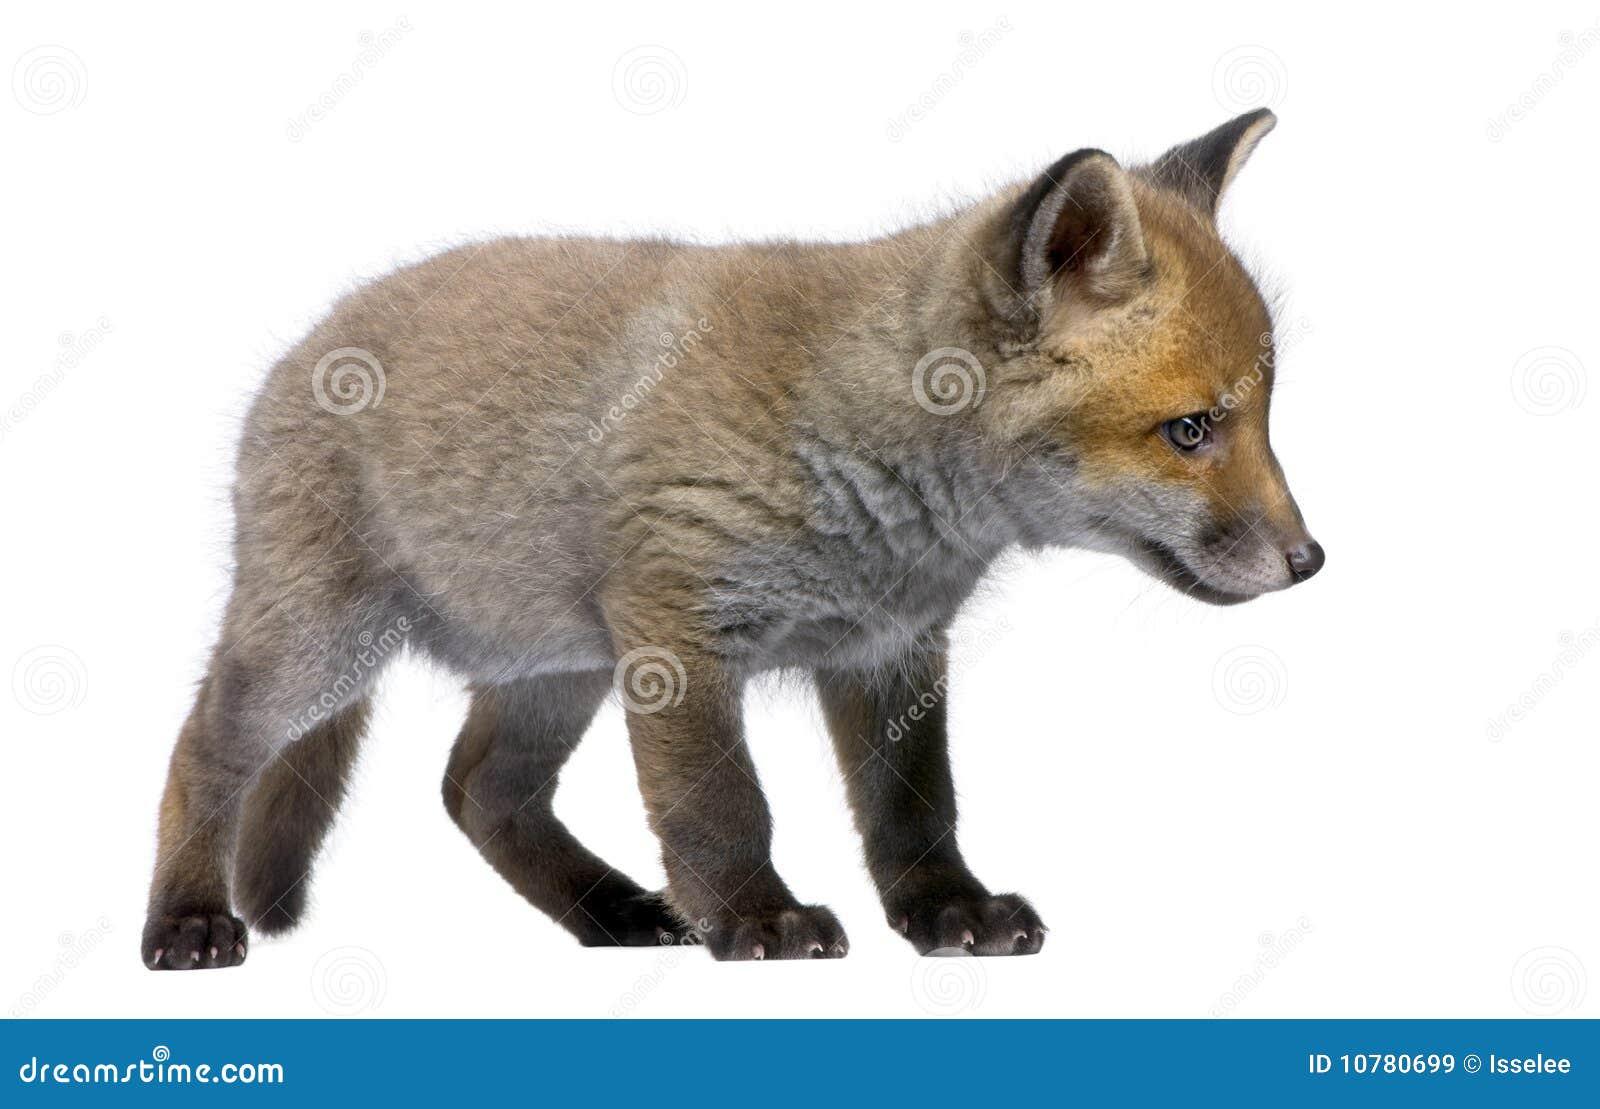 De rode Welp van de Vos, Vulpes vulpes, 6 weken oud